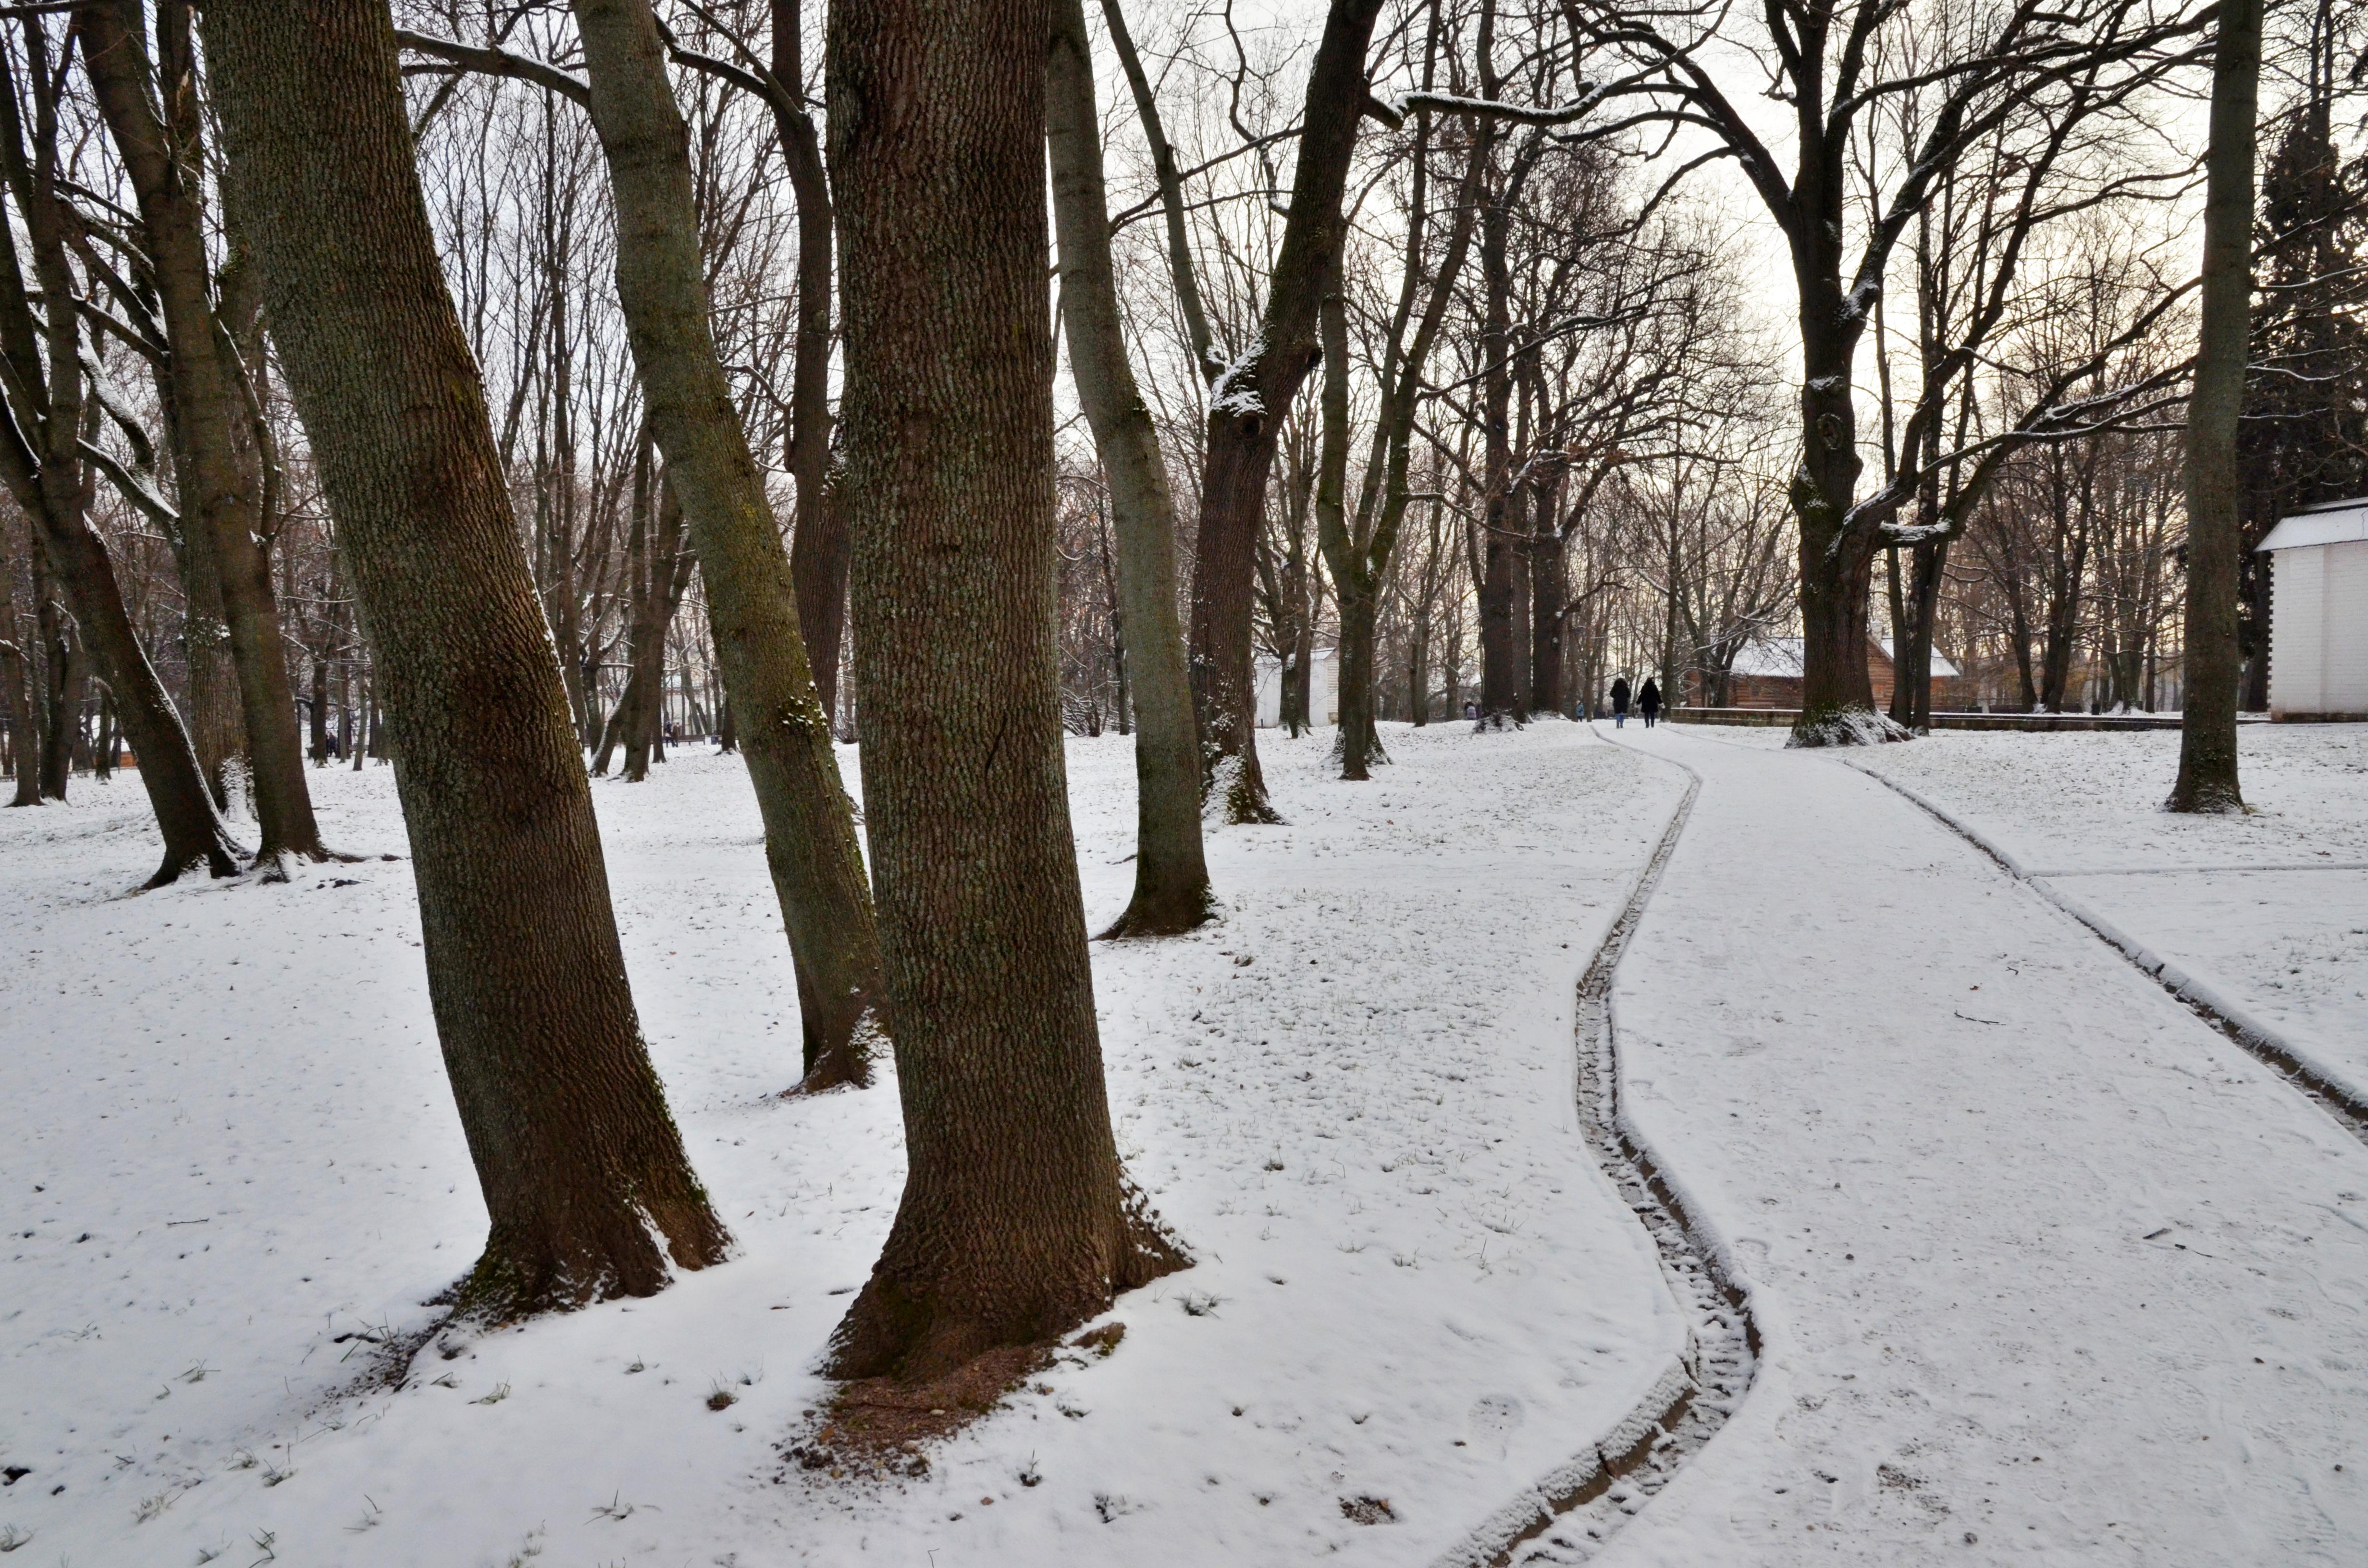 Жителям Москвы рассказали о погодных условиях в столичном регионе